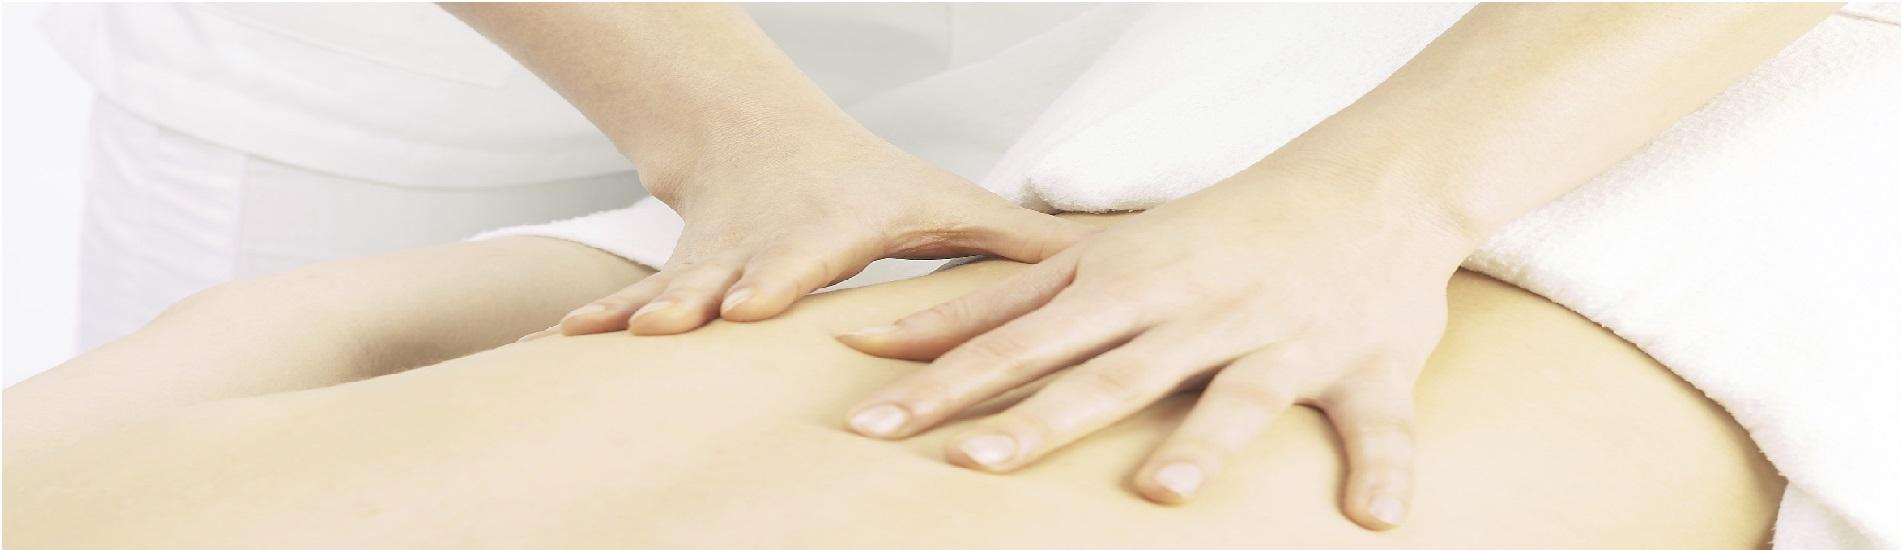 Ostéopathie musculo squelettique et viscérale